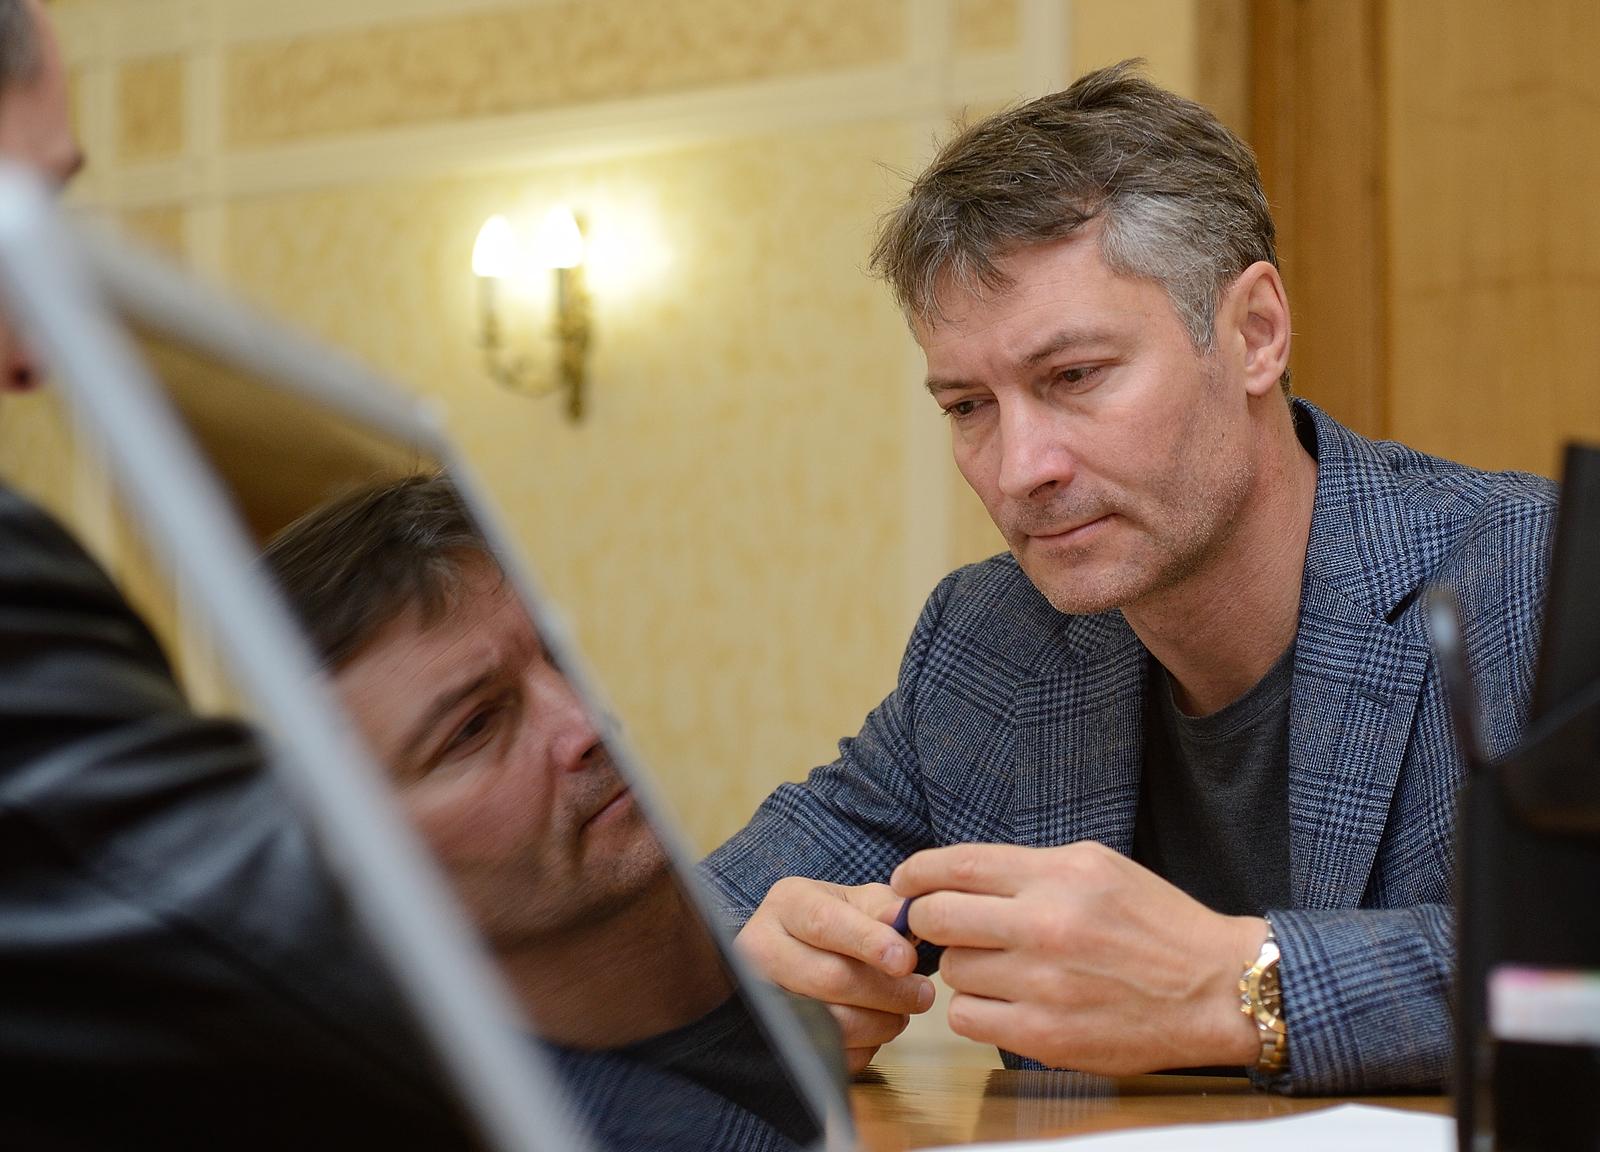 Мэр Екатеринбурга считает, что грязь не на улице, а в душе